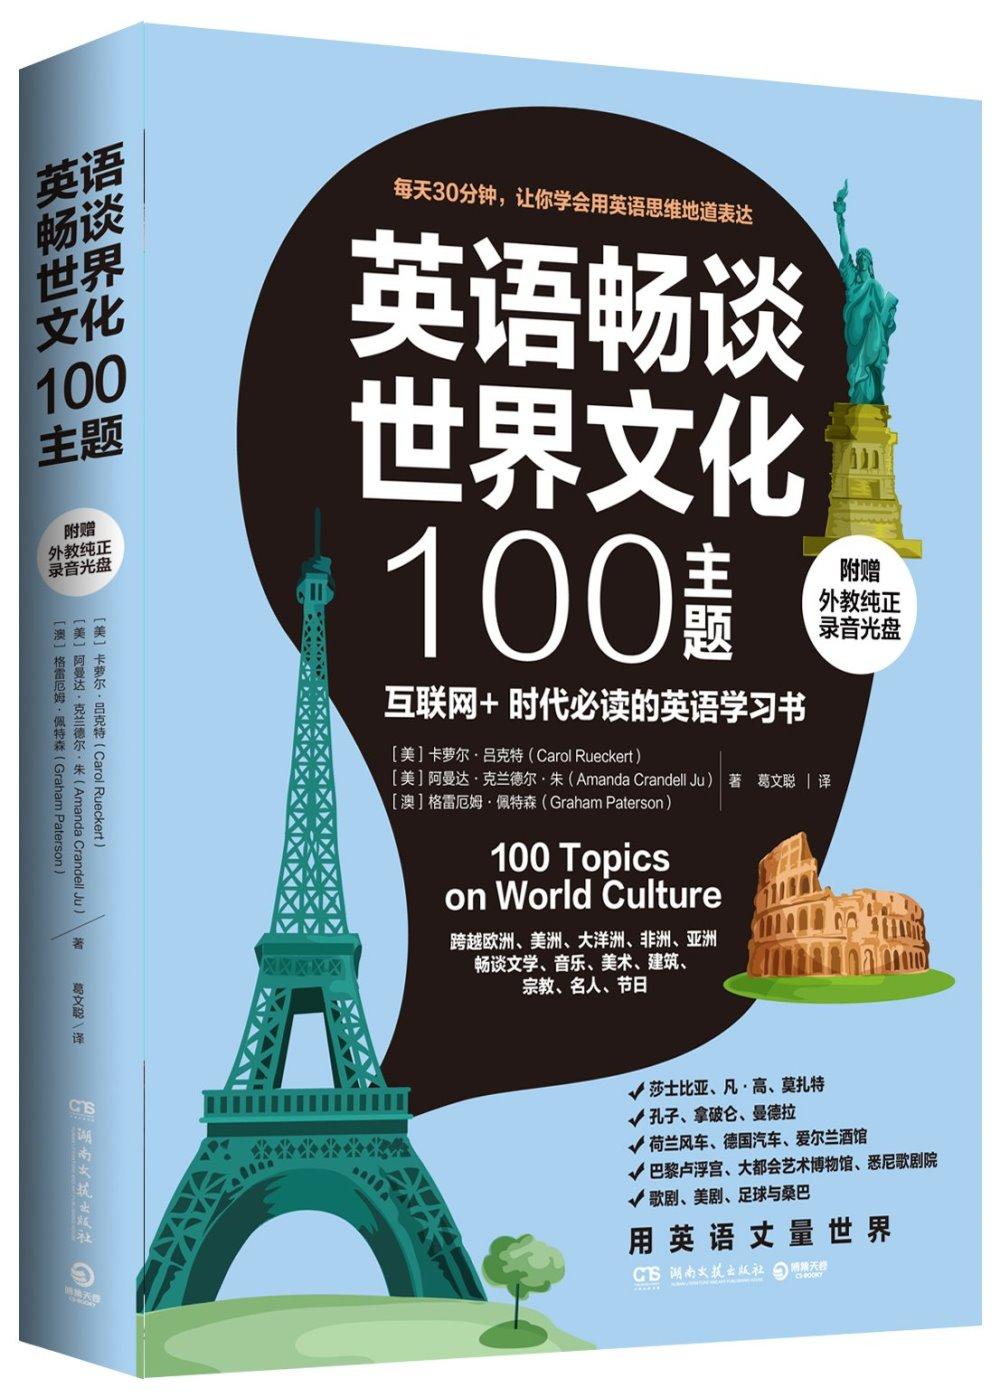 英語暢談世界文化100主題